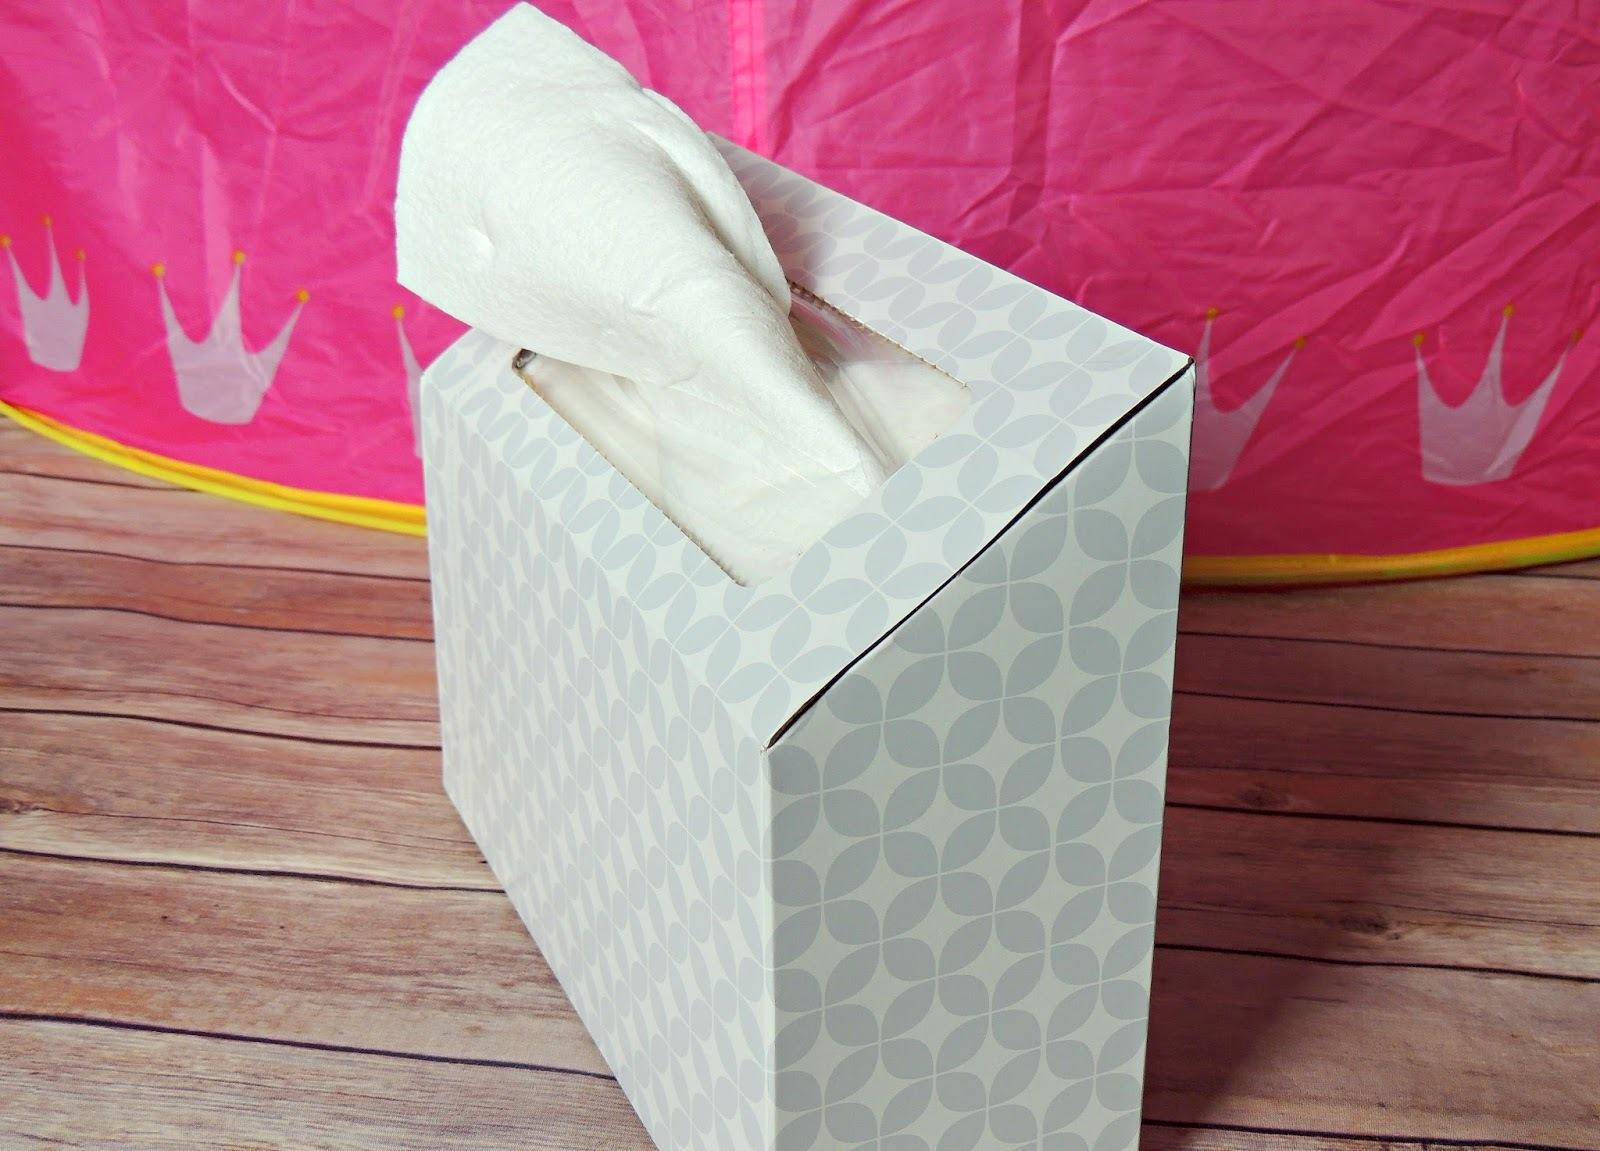 wet tissues for wedding